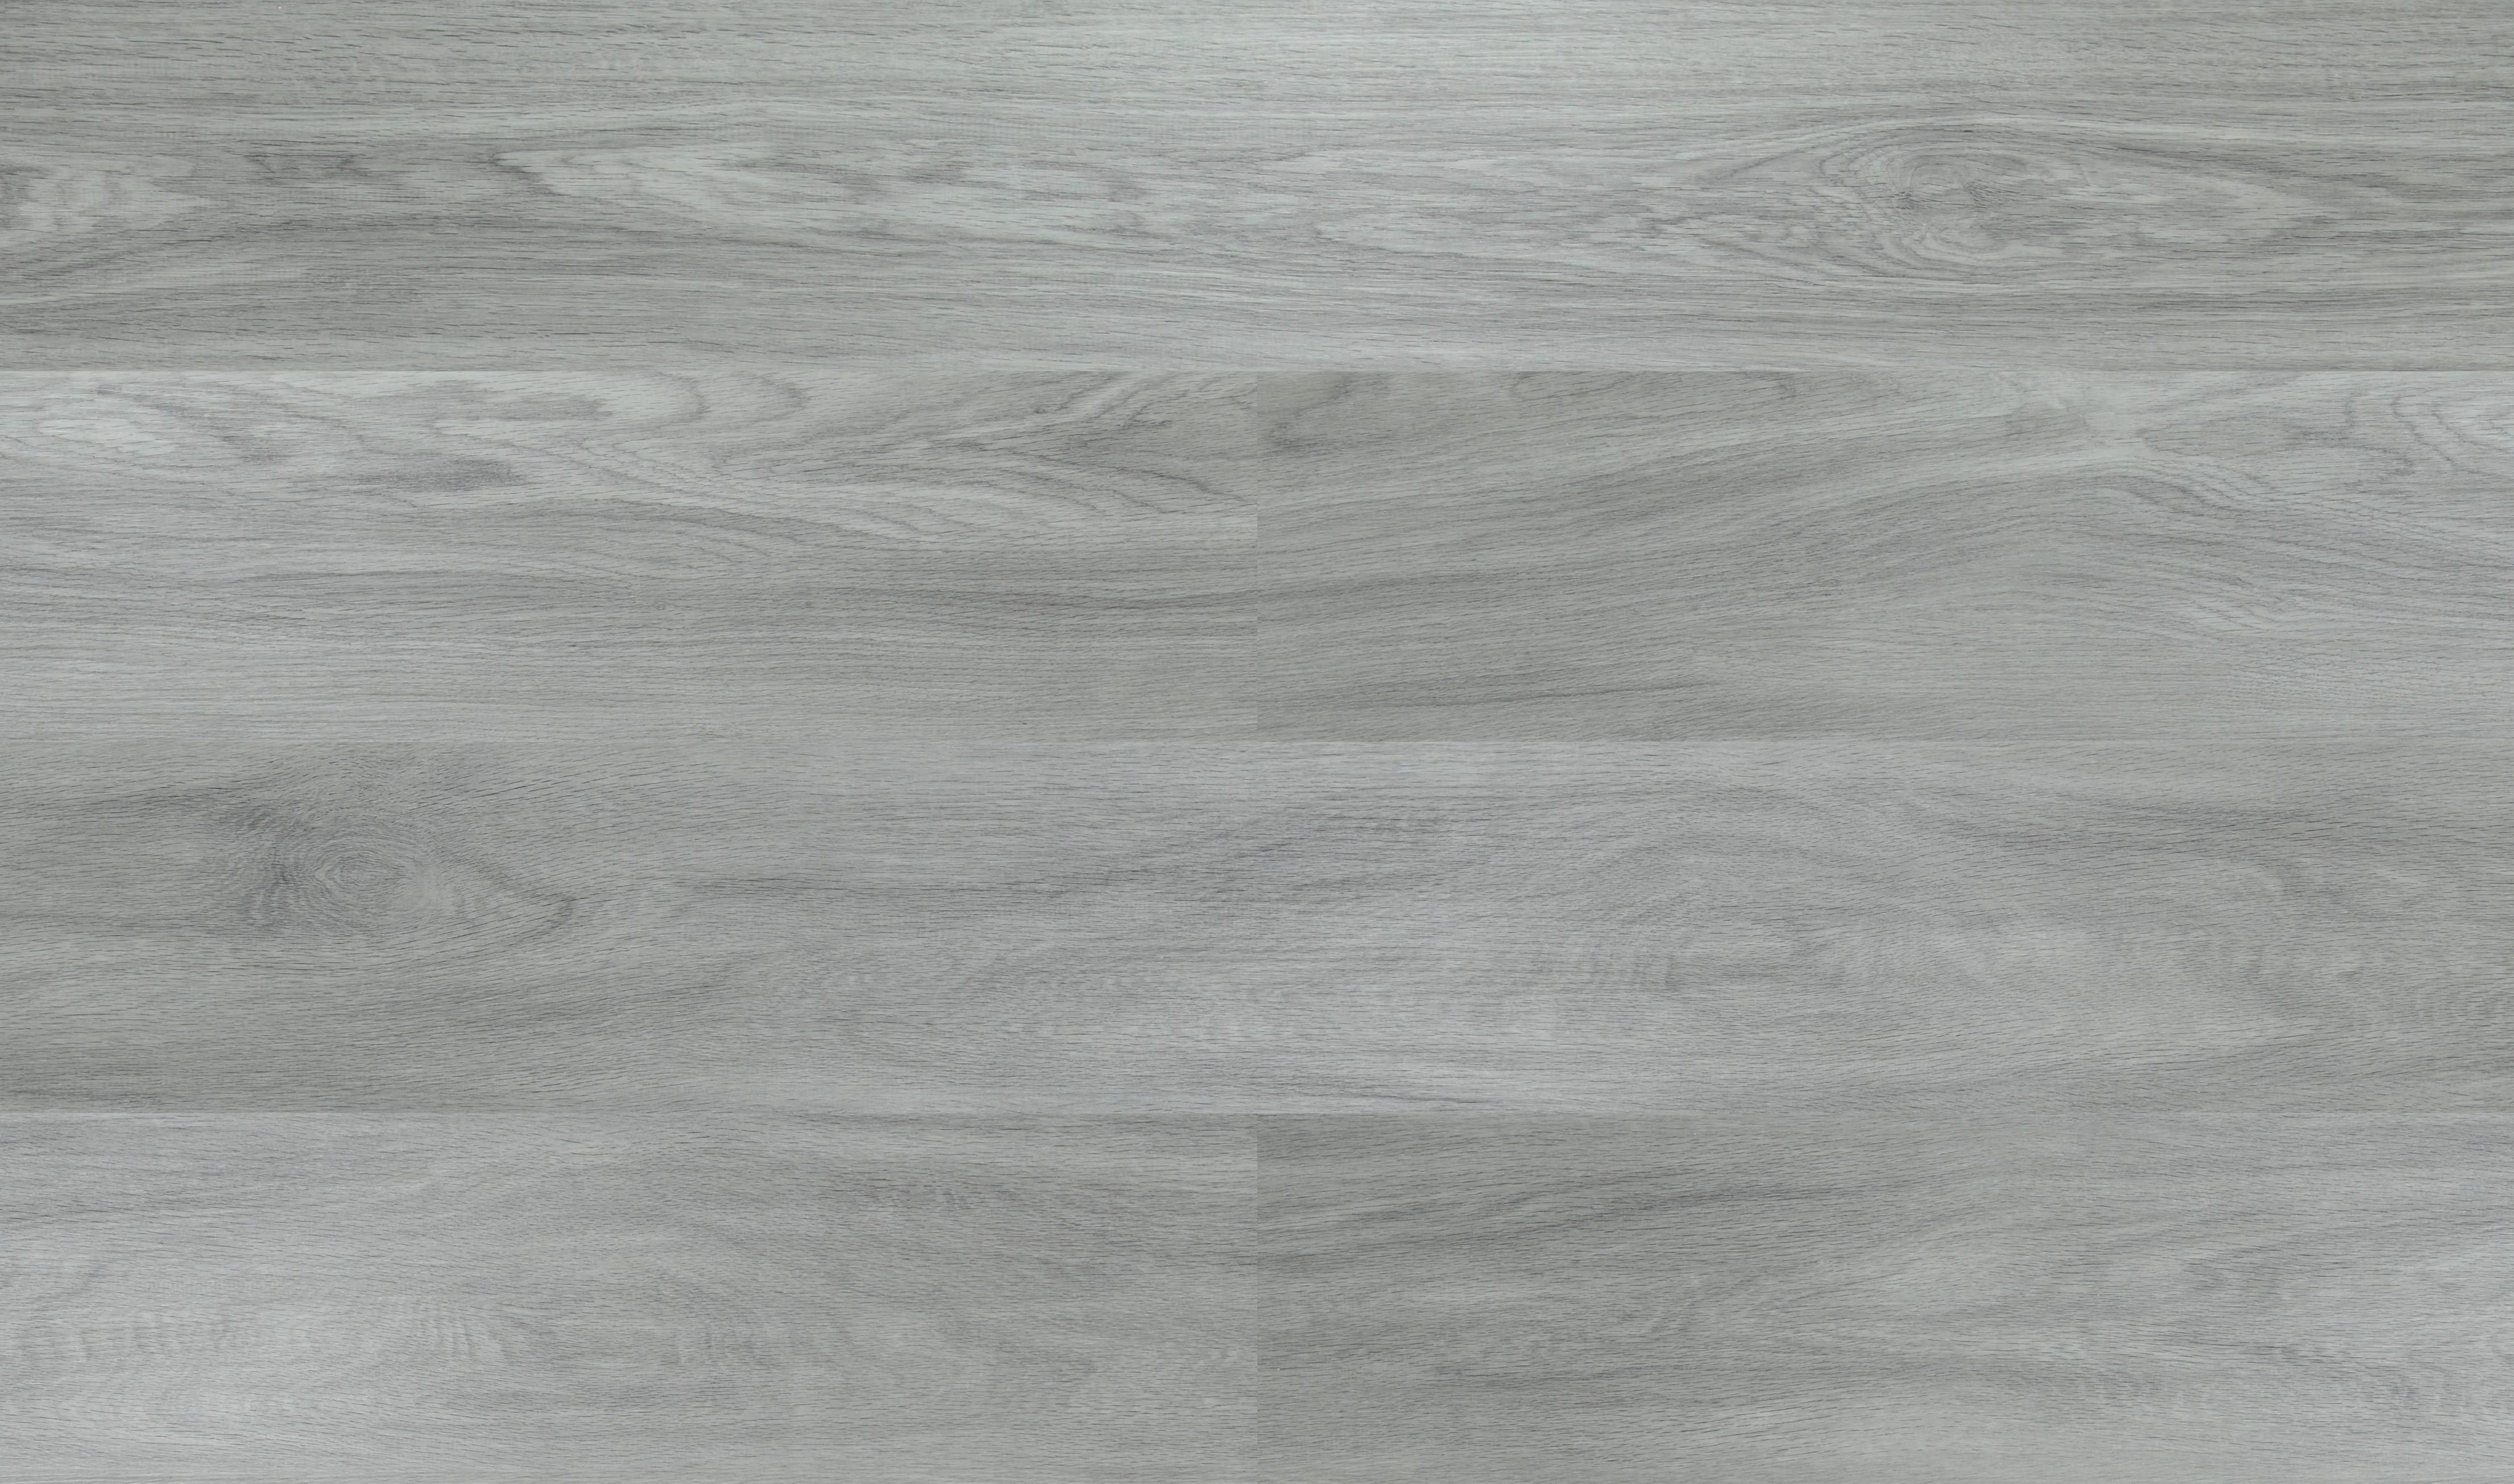 Super Vloeren - Pucawan eiken grijs   Home Made By QR64